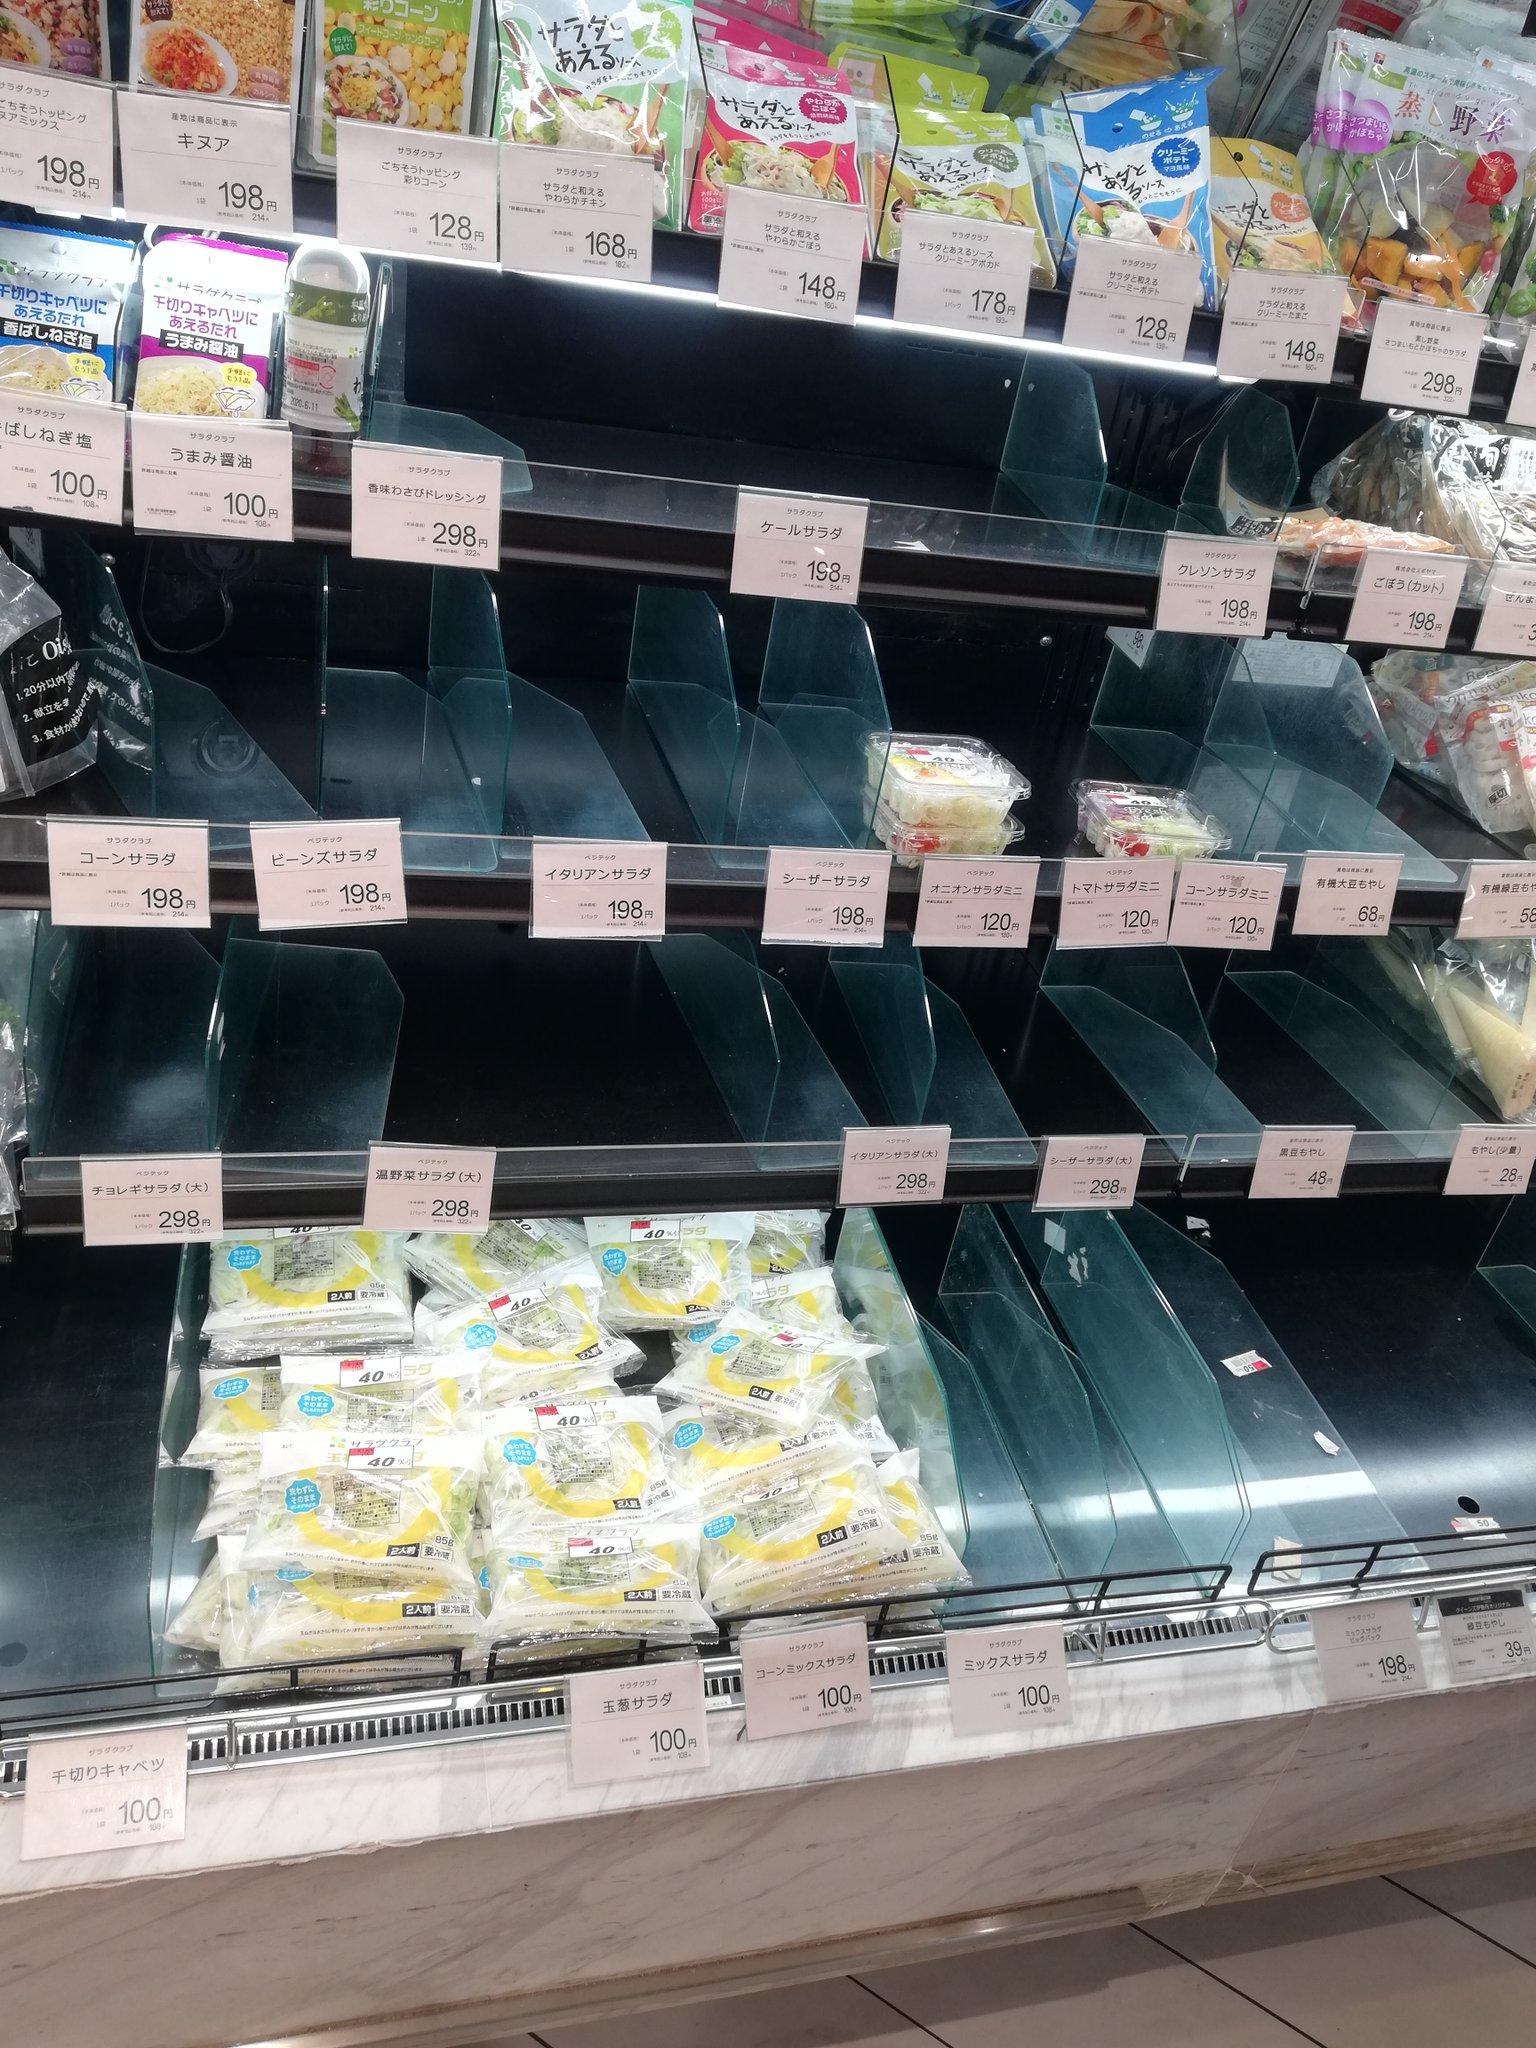 画像,都内のスーパー既にパック野菜がほぼ全滅してて他の商品も少なくなってるしみんな危機感に追われてるなぁ…普段じゃ見ないぞこんな光景 https://t.co/88h…